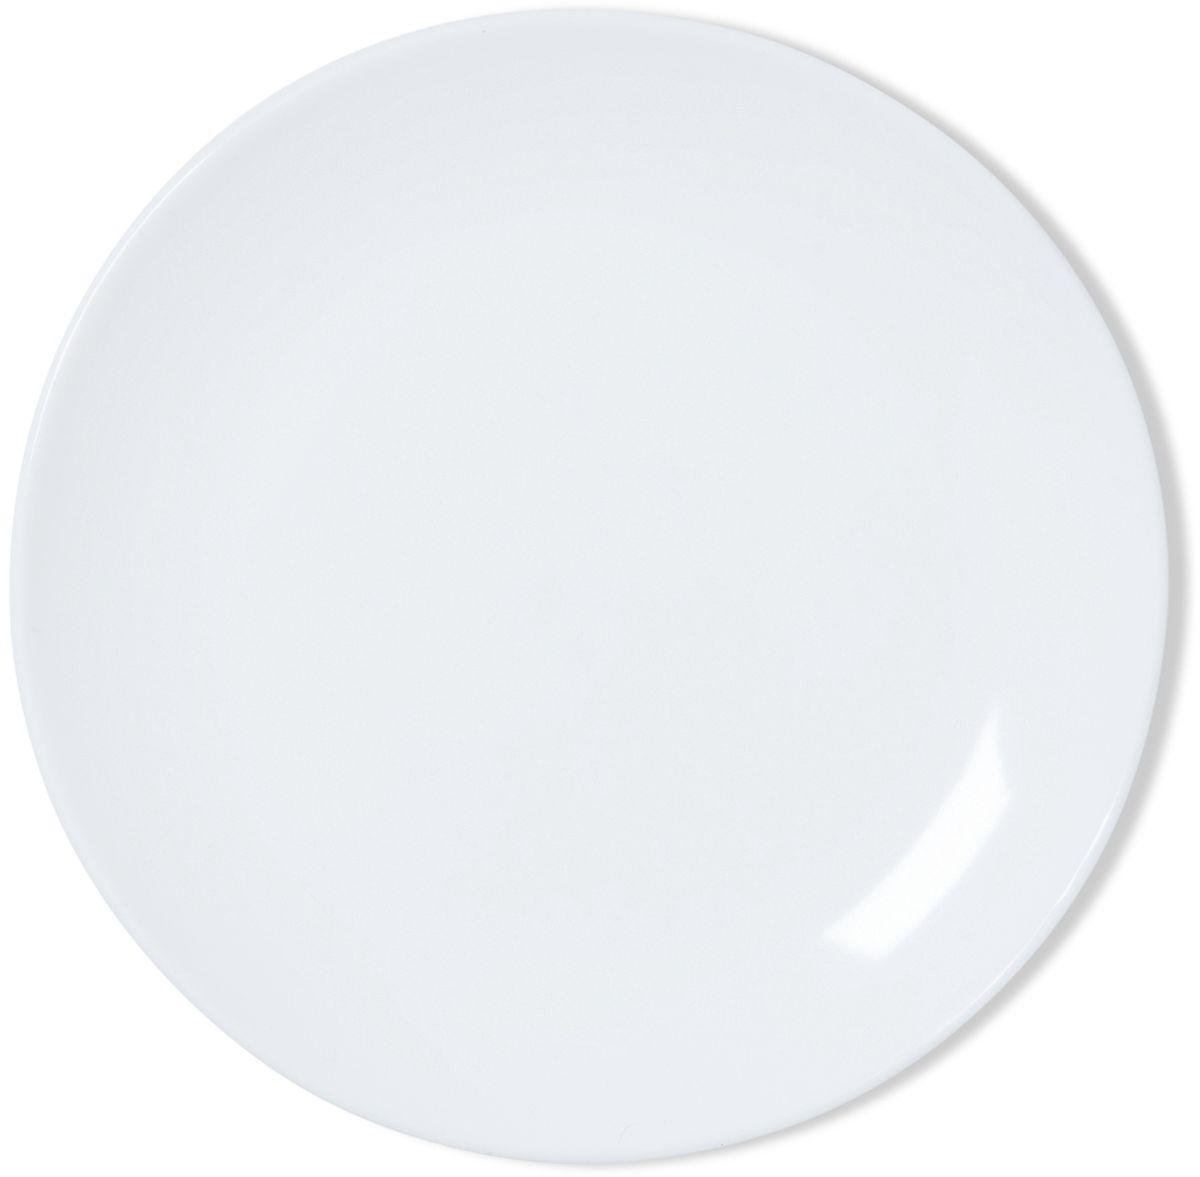 Тарелка десертная Dosh l Home ADARA, 21 см400205Элегантные тарелки для стильной сервировки блюд и закусок. Изготовлены из высококачественного силикона белоснежного цвета. Силикон не впитывает запах и вкус продуктов, устойчив к царапинам. Подходит для микроволновой печи, холодильника. Можно мыть в посудомоечной машине. Мыть обычными моющими средствами, не использовать агрессивные вещества, металлические мочалки, острые предметы и т.д..